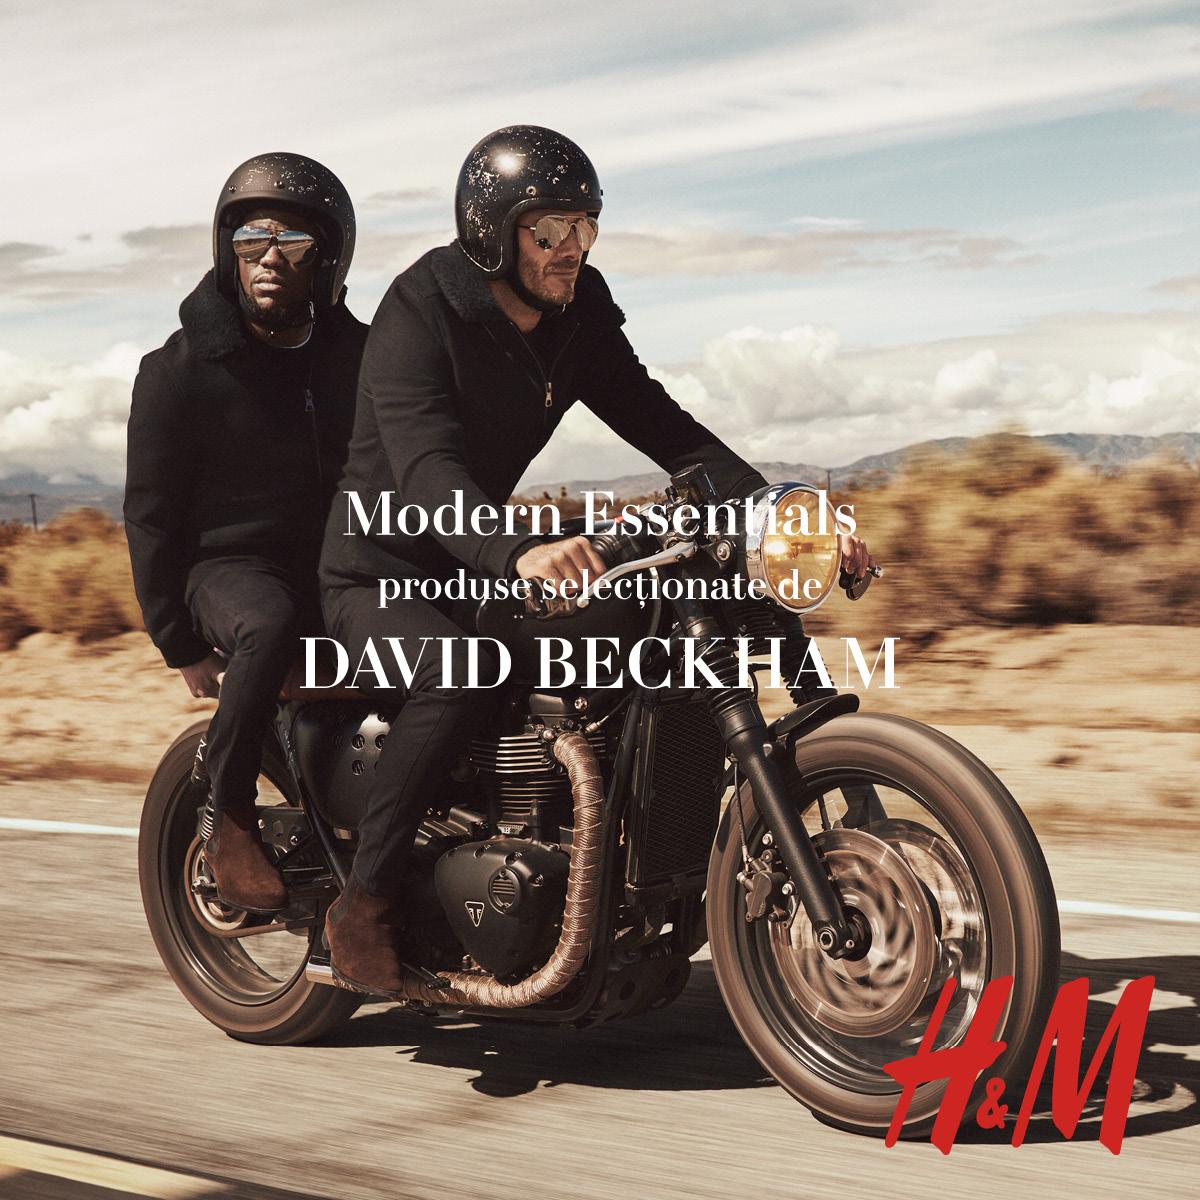 Modern Essentials David Beckham Kevin Hart H&M october 2016